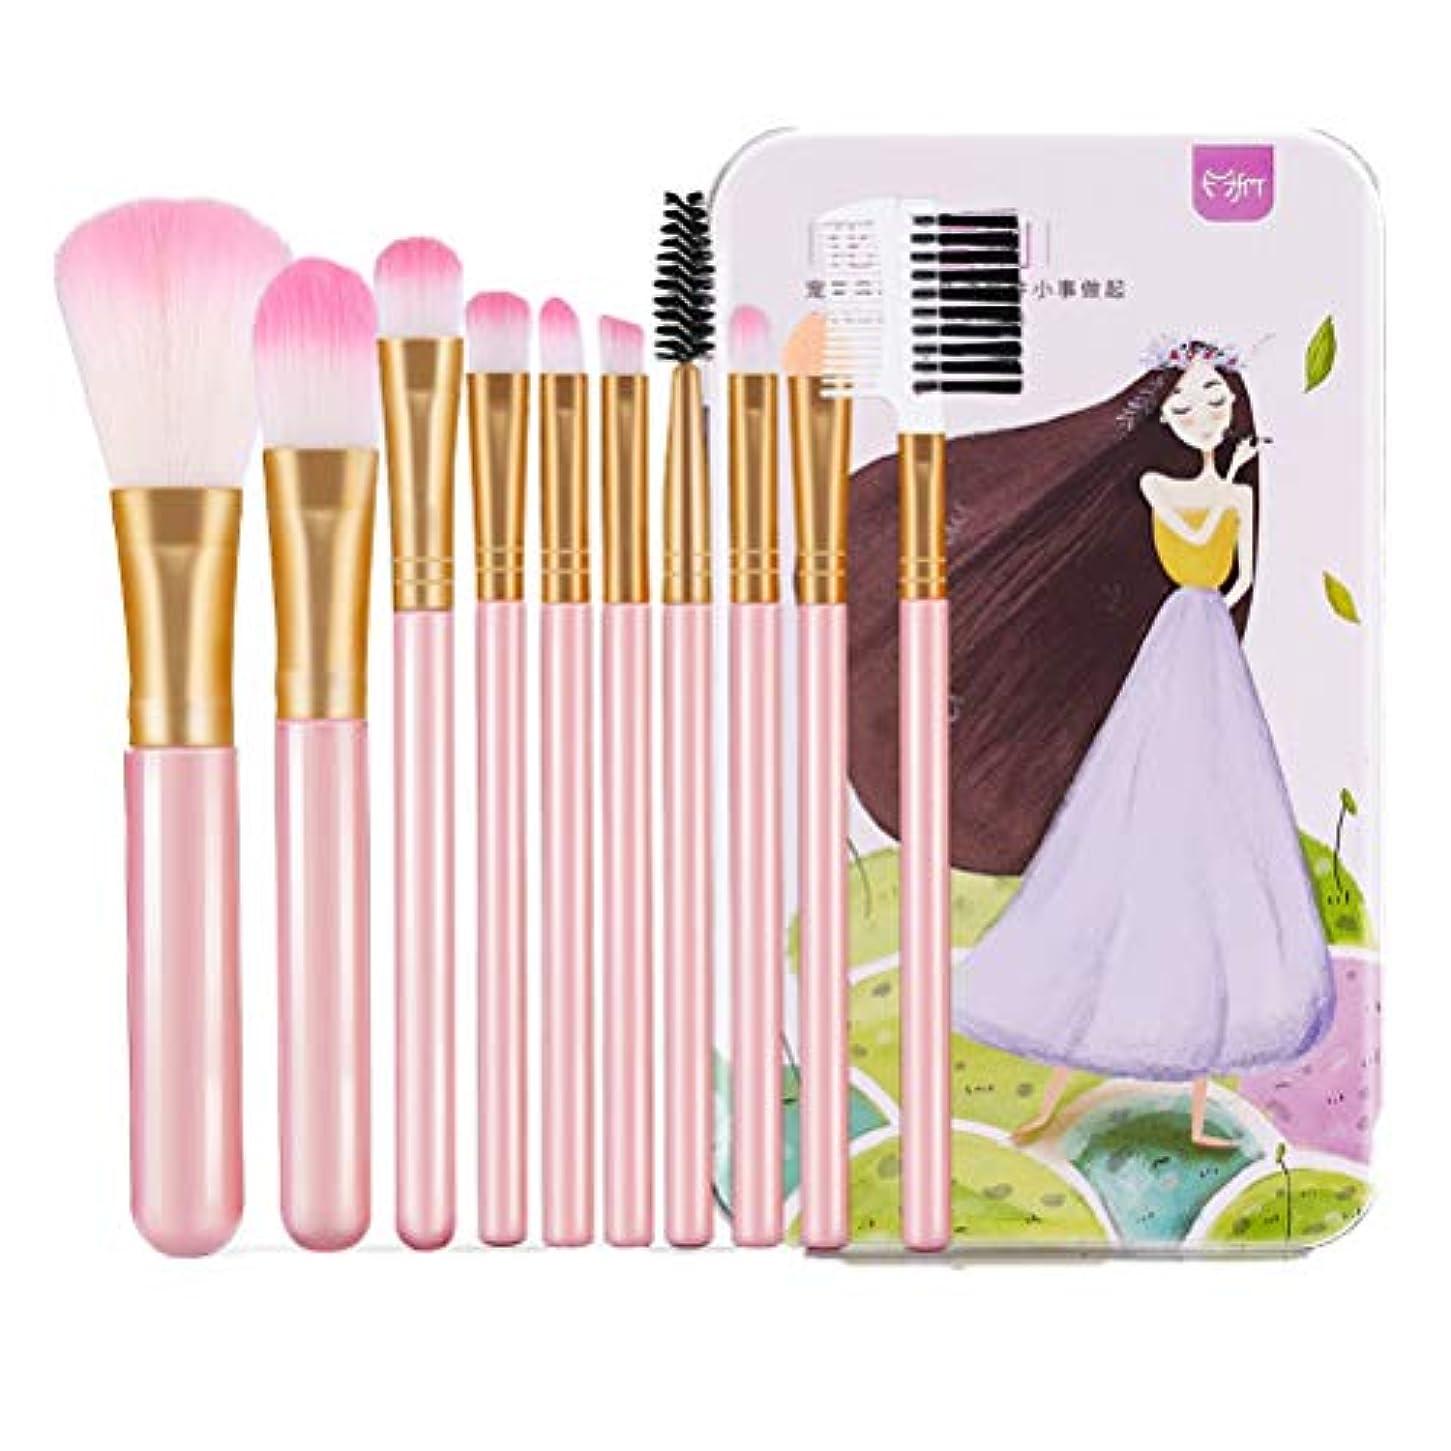 滑りやすい先例援助LSHJP 化粧ブラシ セット 女性 10個 きれいめ 便利 ビューティー 美人 ダンス 旅行 簡単 高品質 高品質 (Color : ピンク, Size : ワンサイズ)